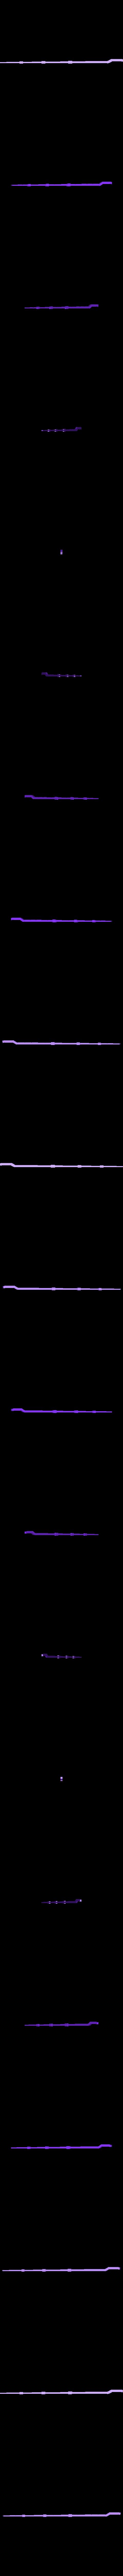 Sputnik1_Antenna.stl Télécharger fichier STL gratuit Sputnik1 / Спутник-1 • Modèle imprimable en 3D, tone001